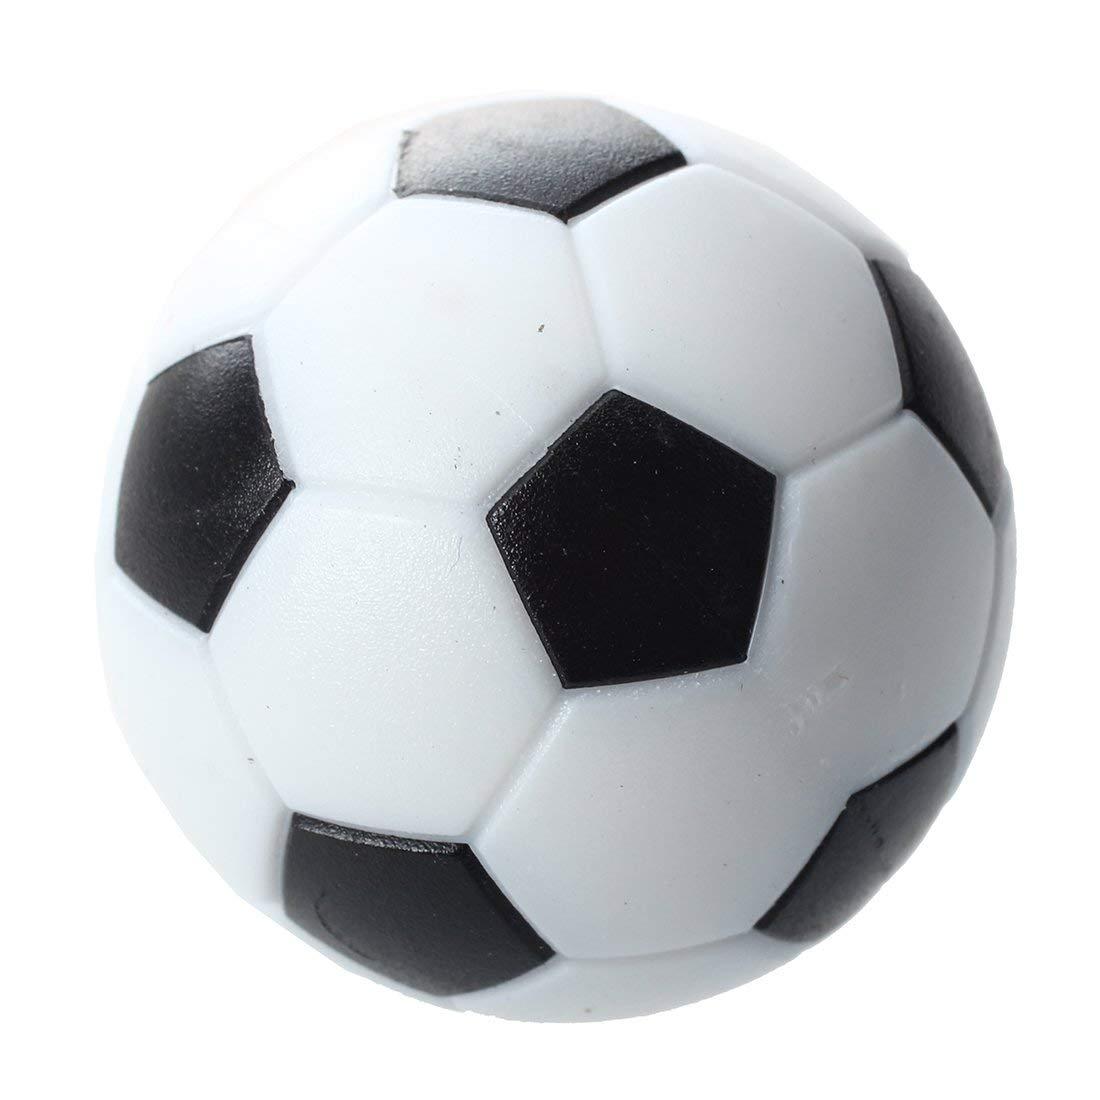 Futbolin - SODIAL(R)30pcs 32mm Futbolin de mesa plastico bola del ...